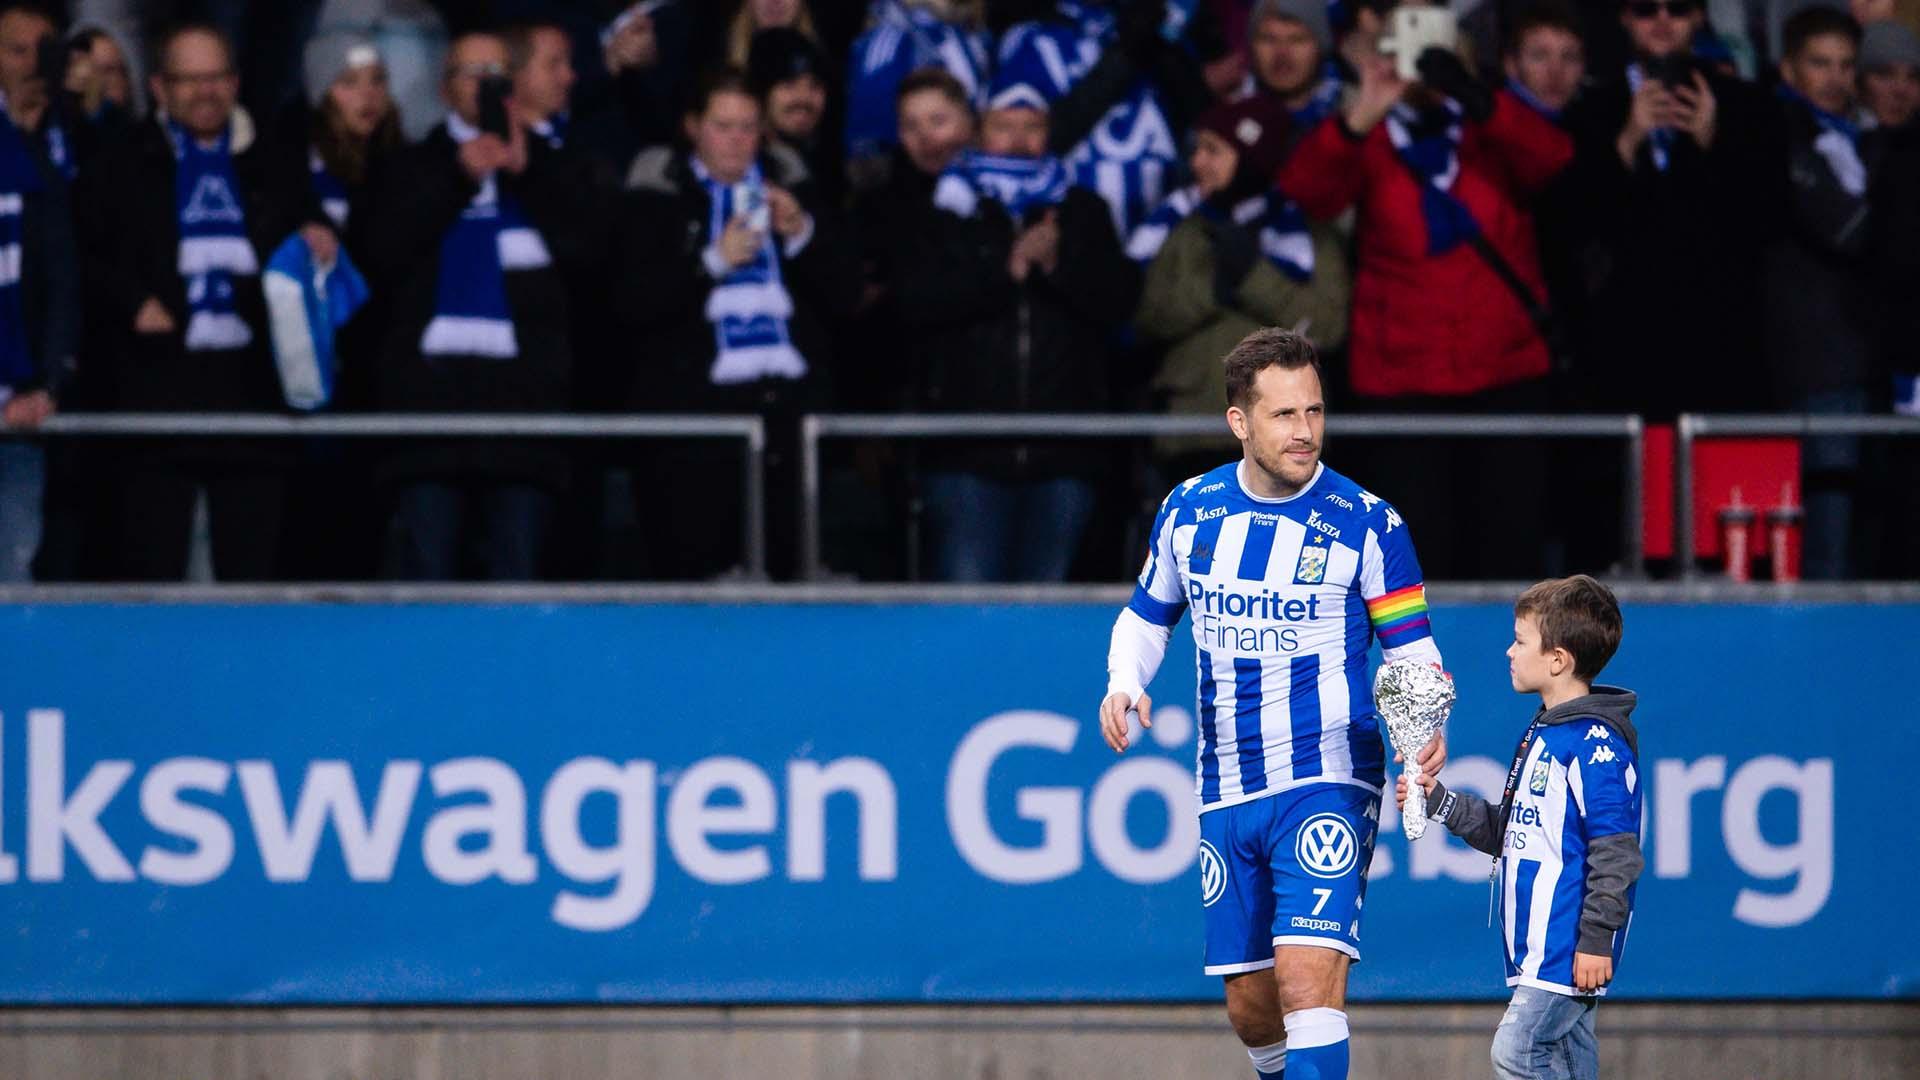 181104 IFK Göteborgs Tobias Hysén tackar publiken efter fotbollsmatchen i Allsvenskan mellan IFK Göteborg och Malmö FF den 4 november 2018 i Göteborg. Foto: Carl Sandin / BILDBYRÅN / kod CS / 57999_407